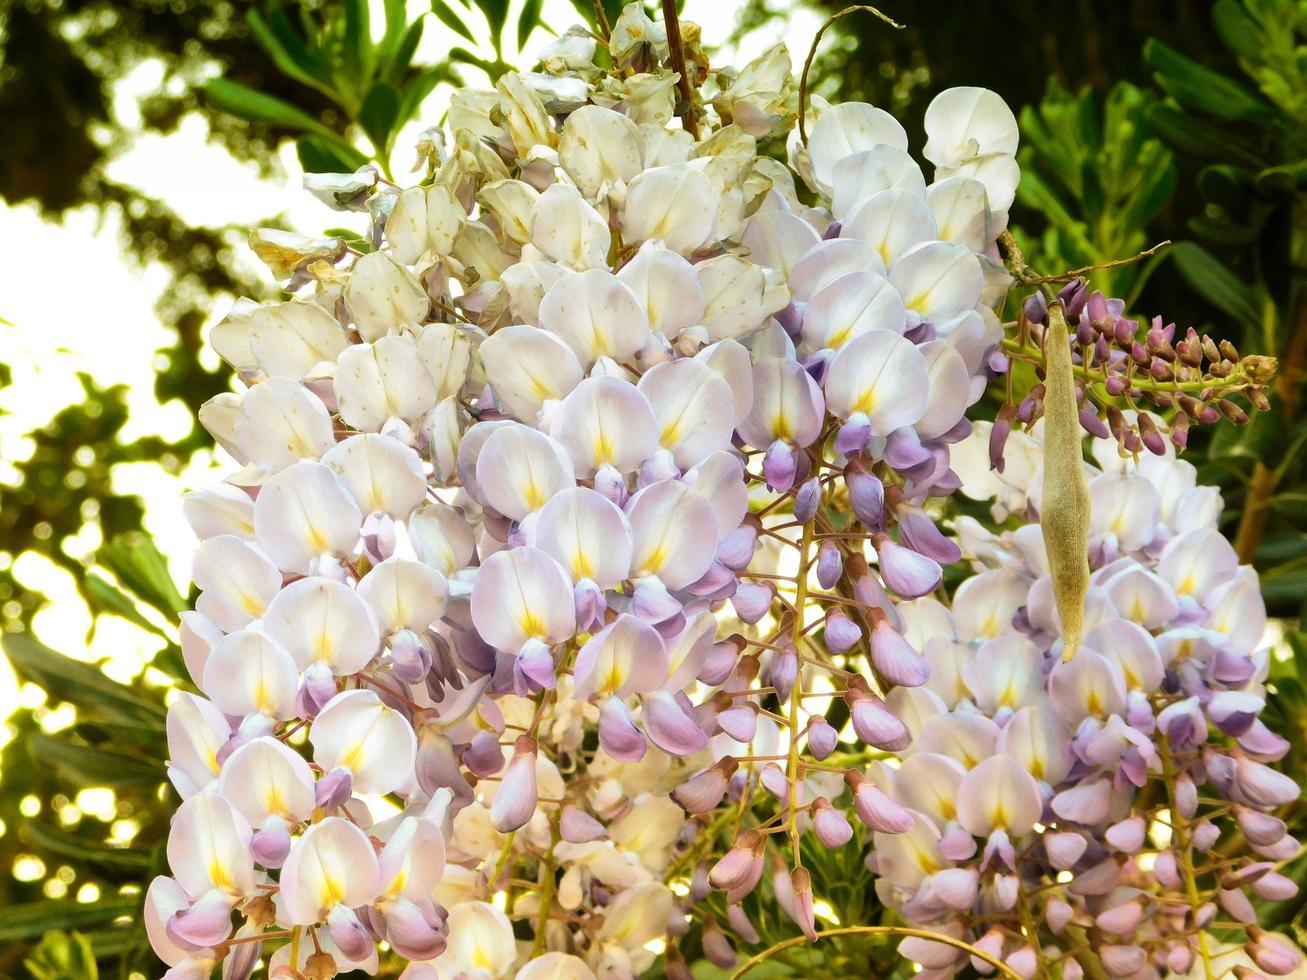 flores al aire libre en el jardín. foto